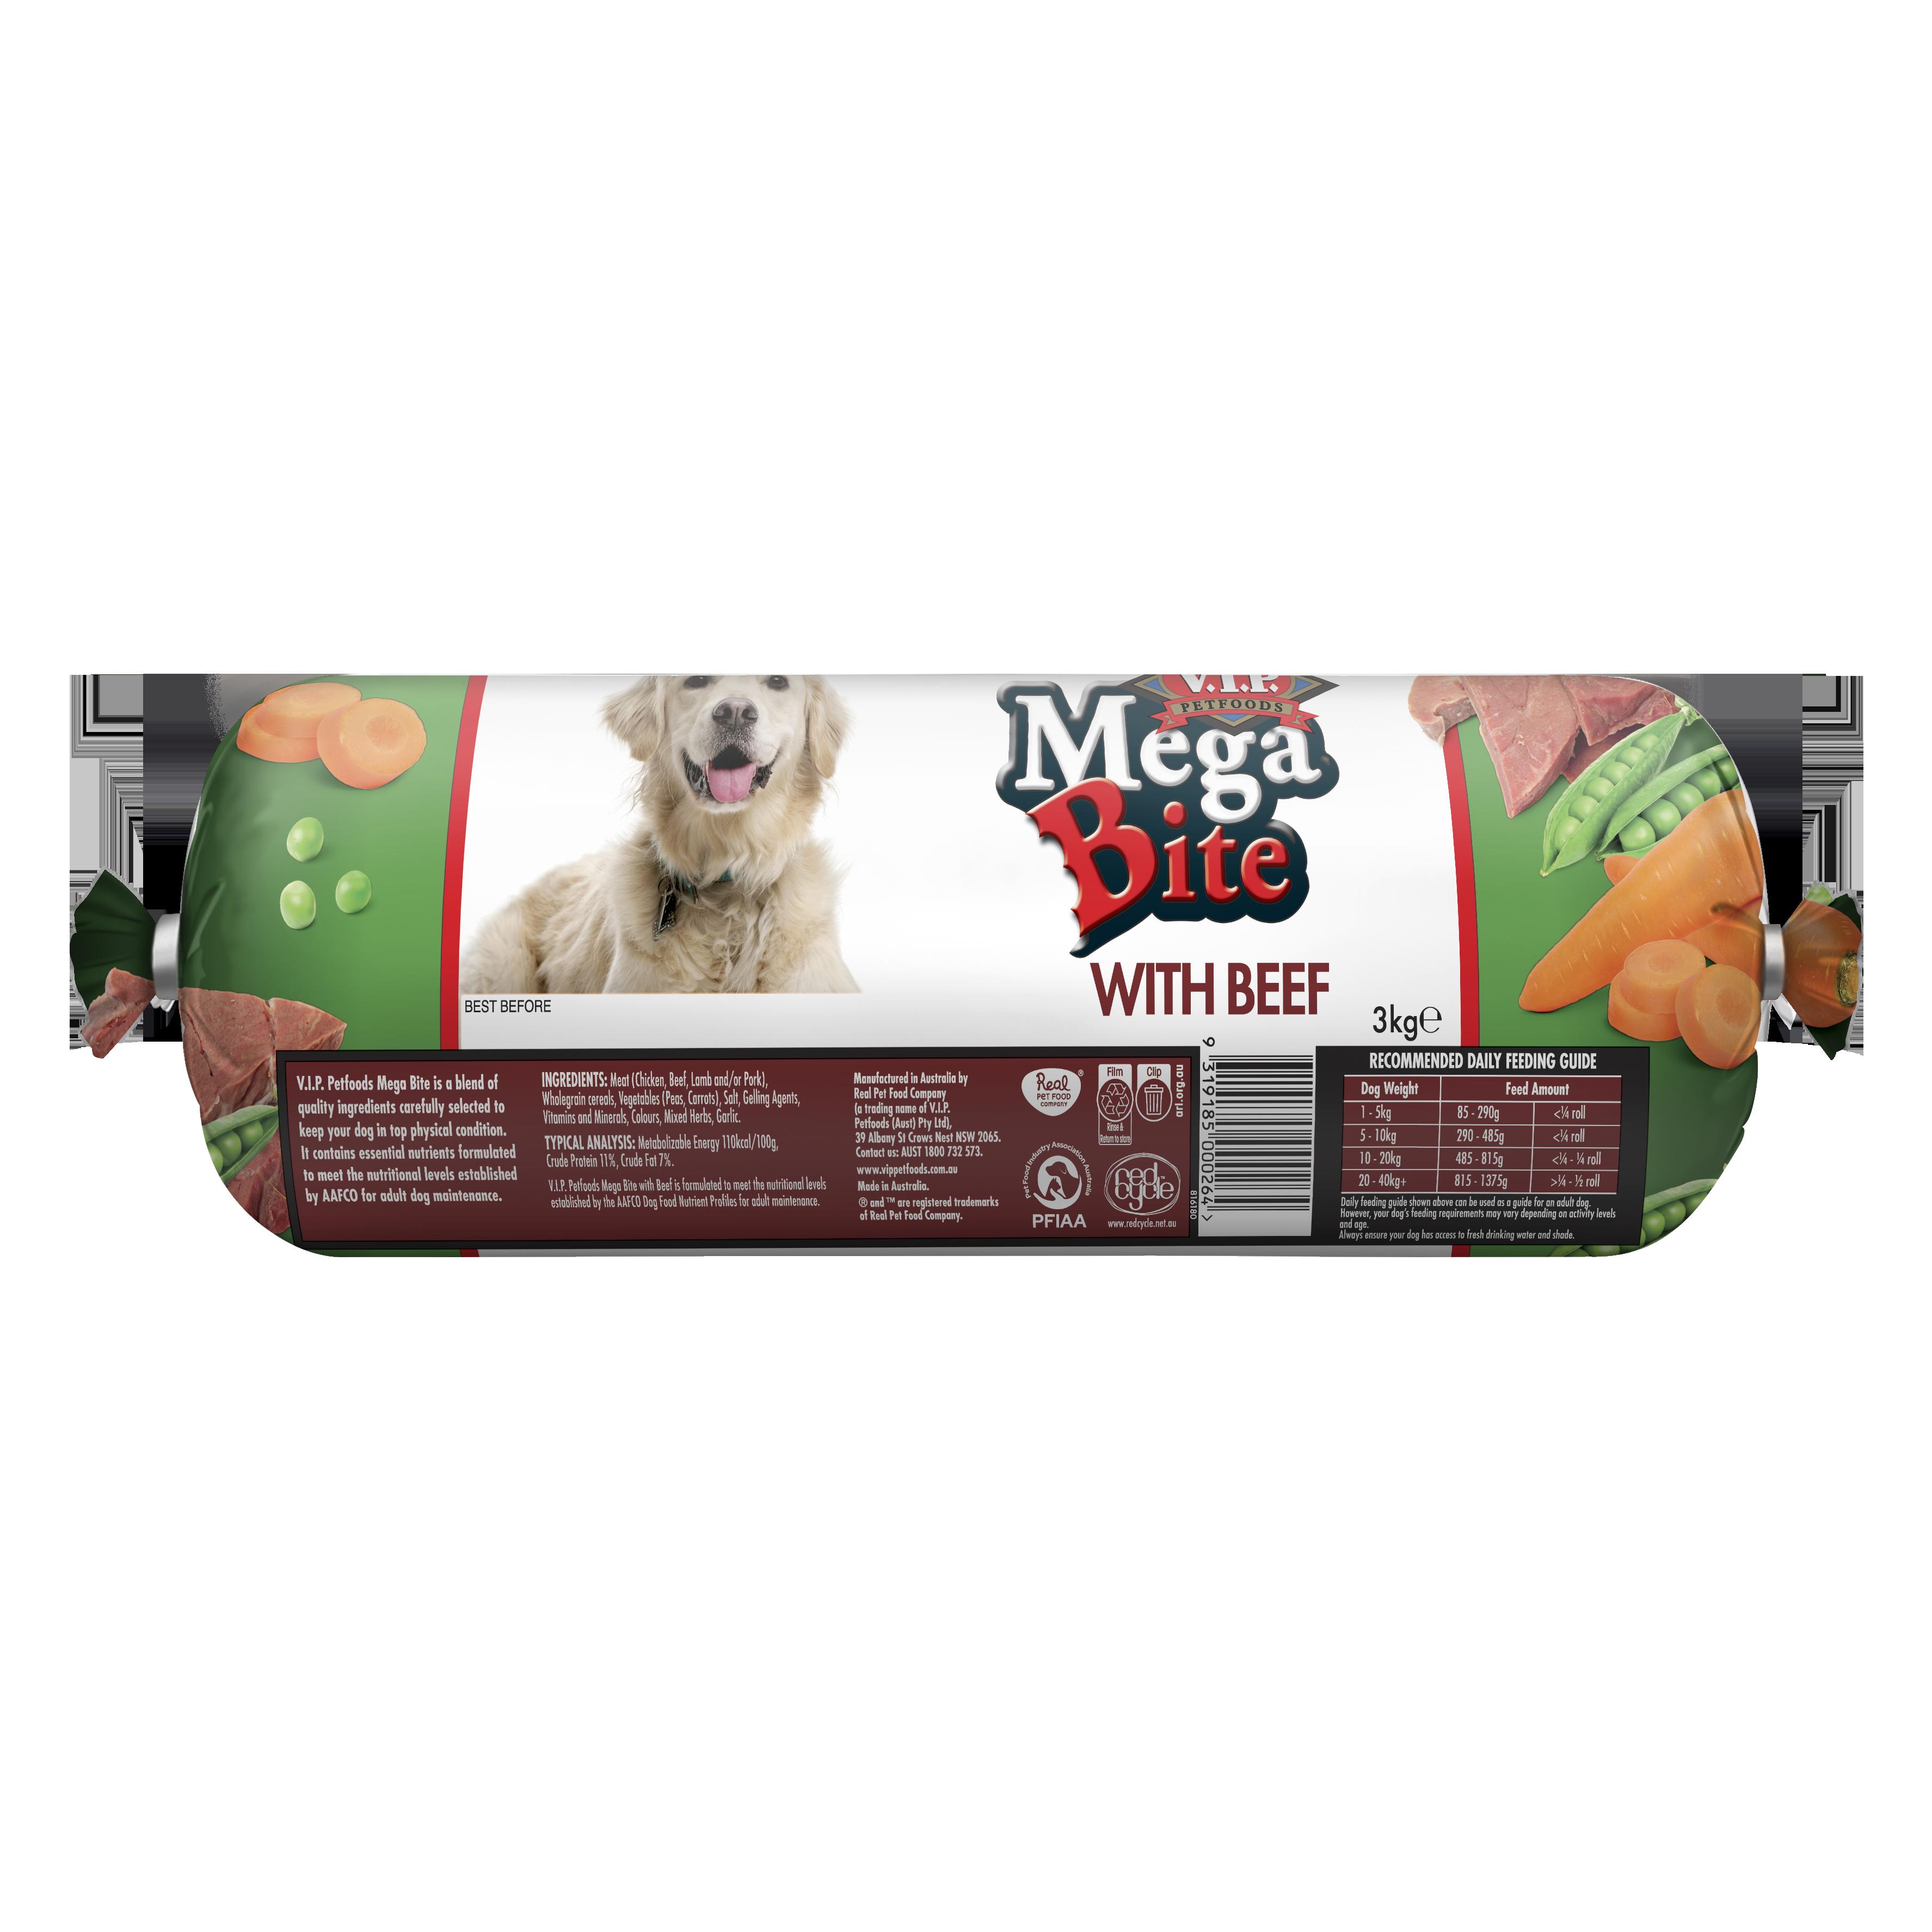 V.I.P. Petfoods | Mega Bite with Prime Beef 3kg | Chilled tray | Back of pack